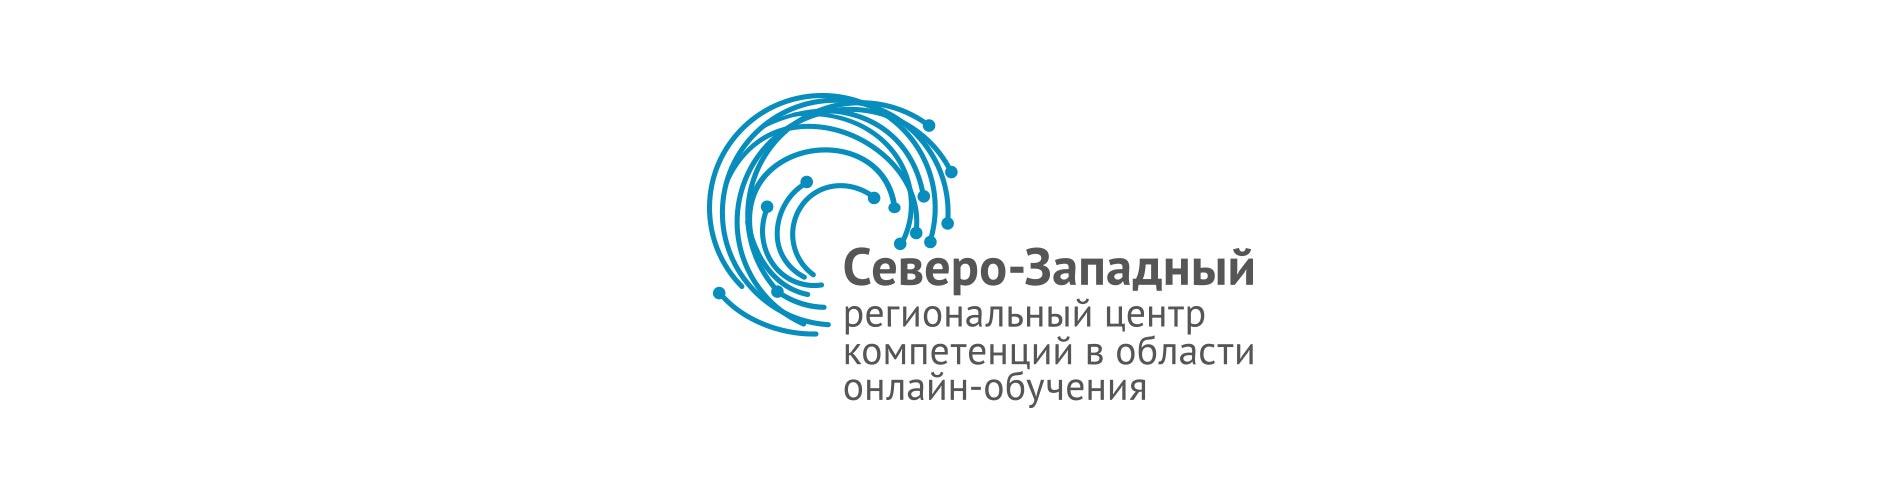 Российско китайское высшее образование